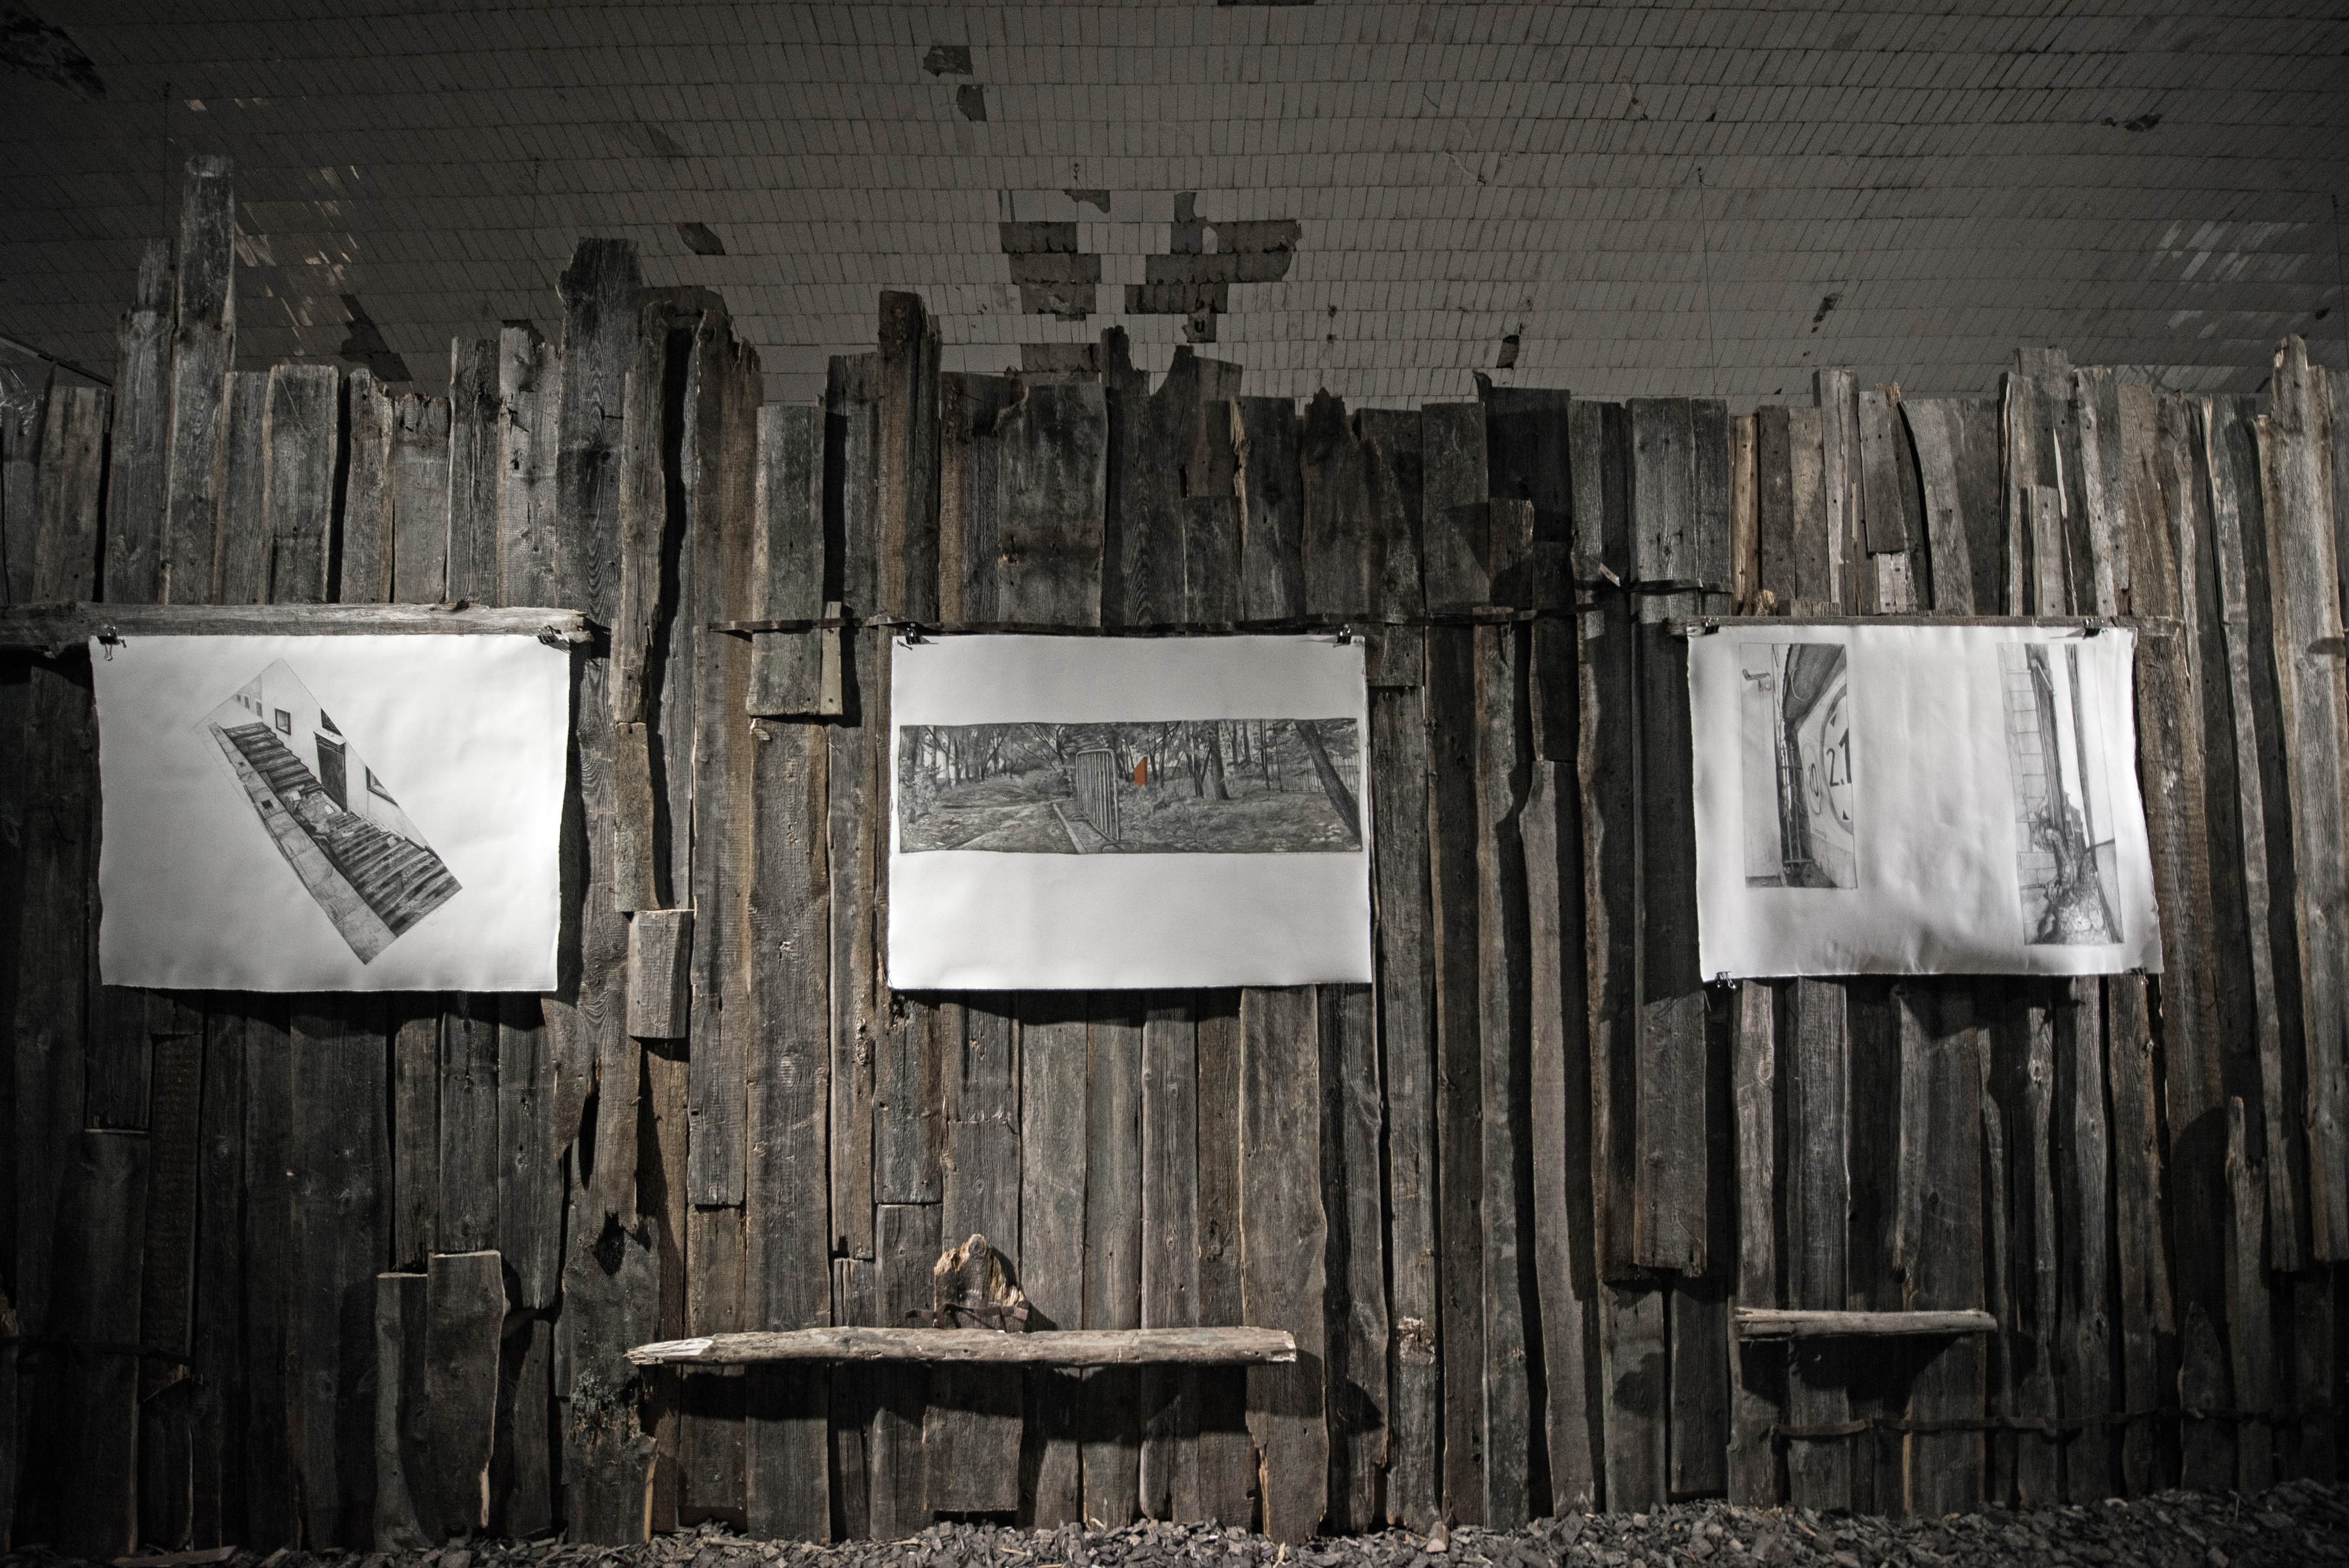 Проект «Складки», Биеннале уличного искусства «Артмоссфера», Винзавод, 2018